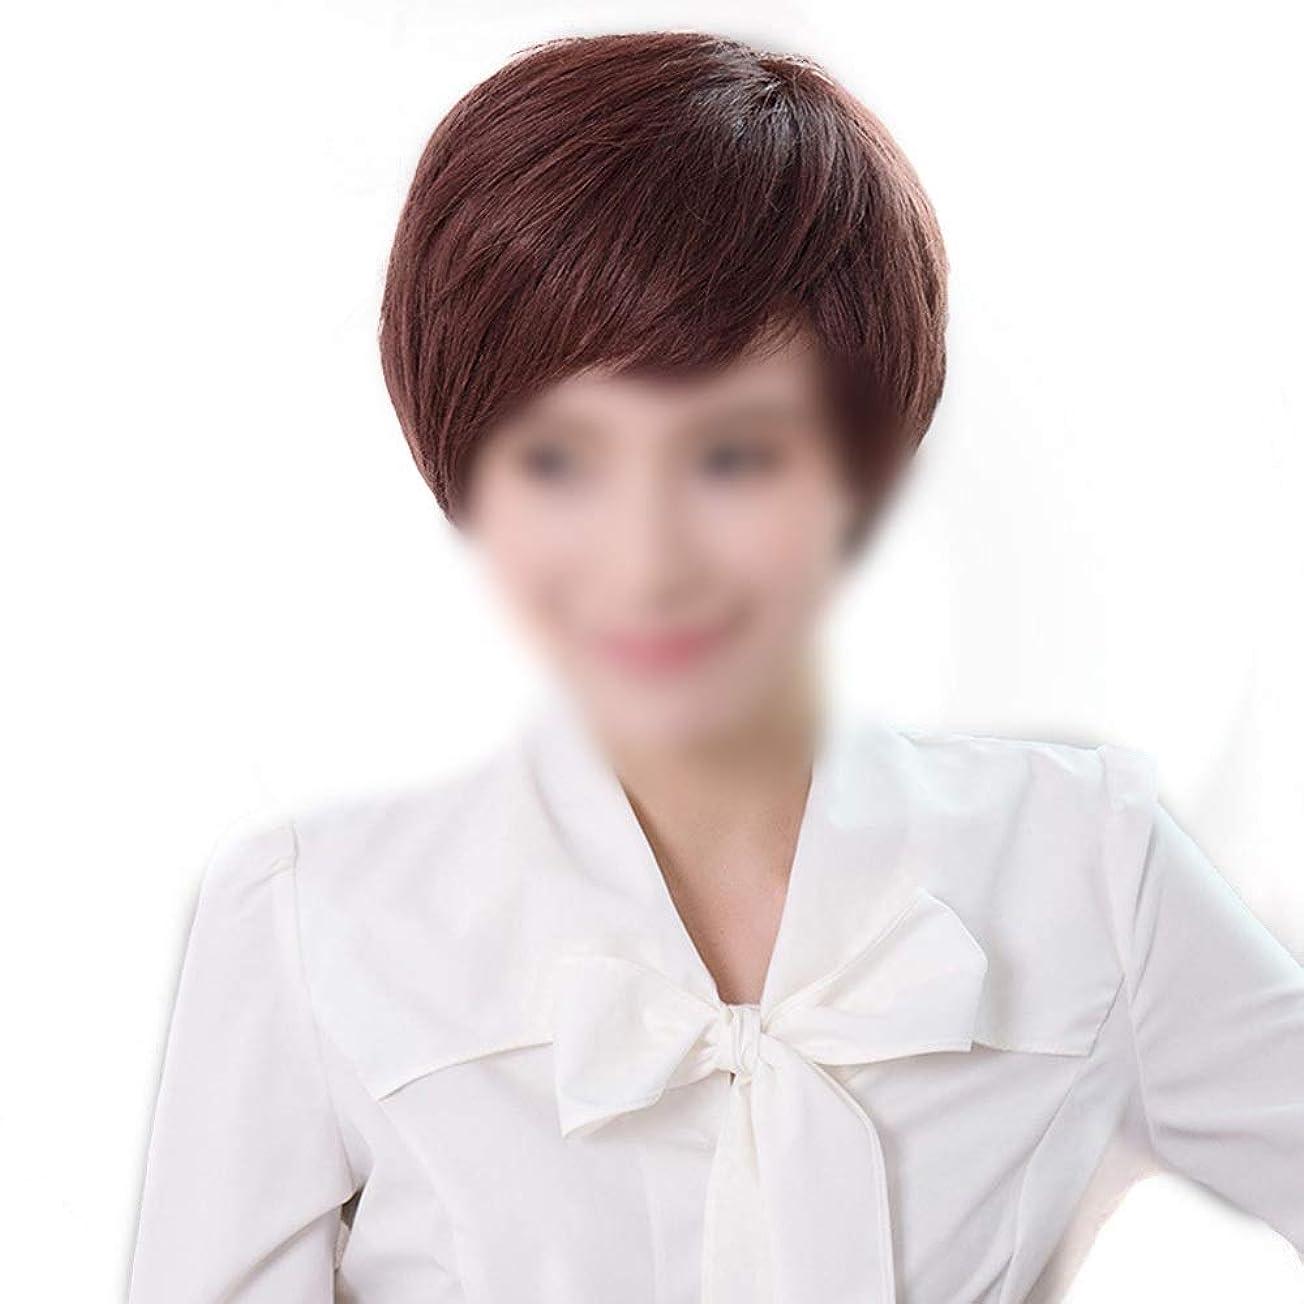 関税エッセイラジエーターBOBIDYEE リアルヘア編み耳ショートカーリーヘアふわふわナチュラルファッションウィッグ女性用デイリードレスパーティーウィッグ (Color : Dark brown, サイズ : Hand-needle)